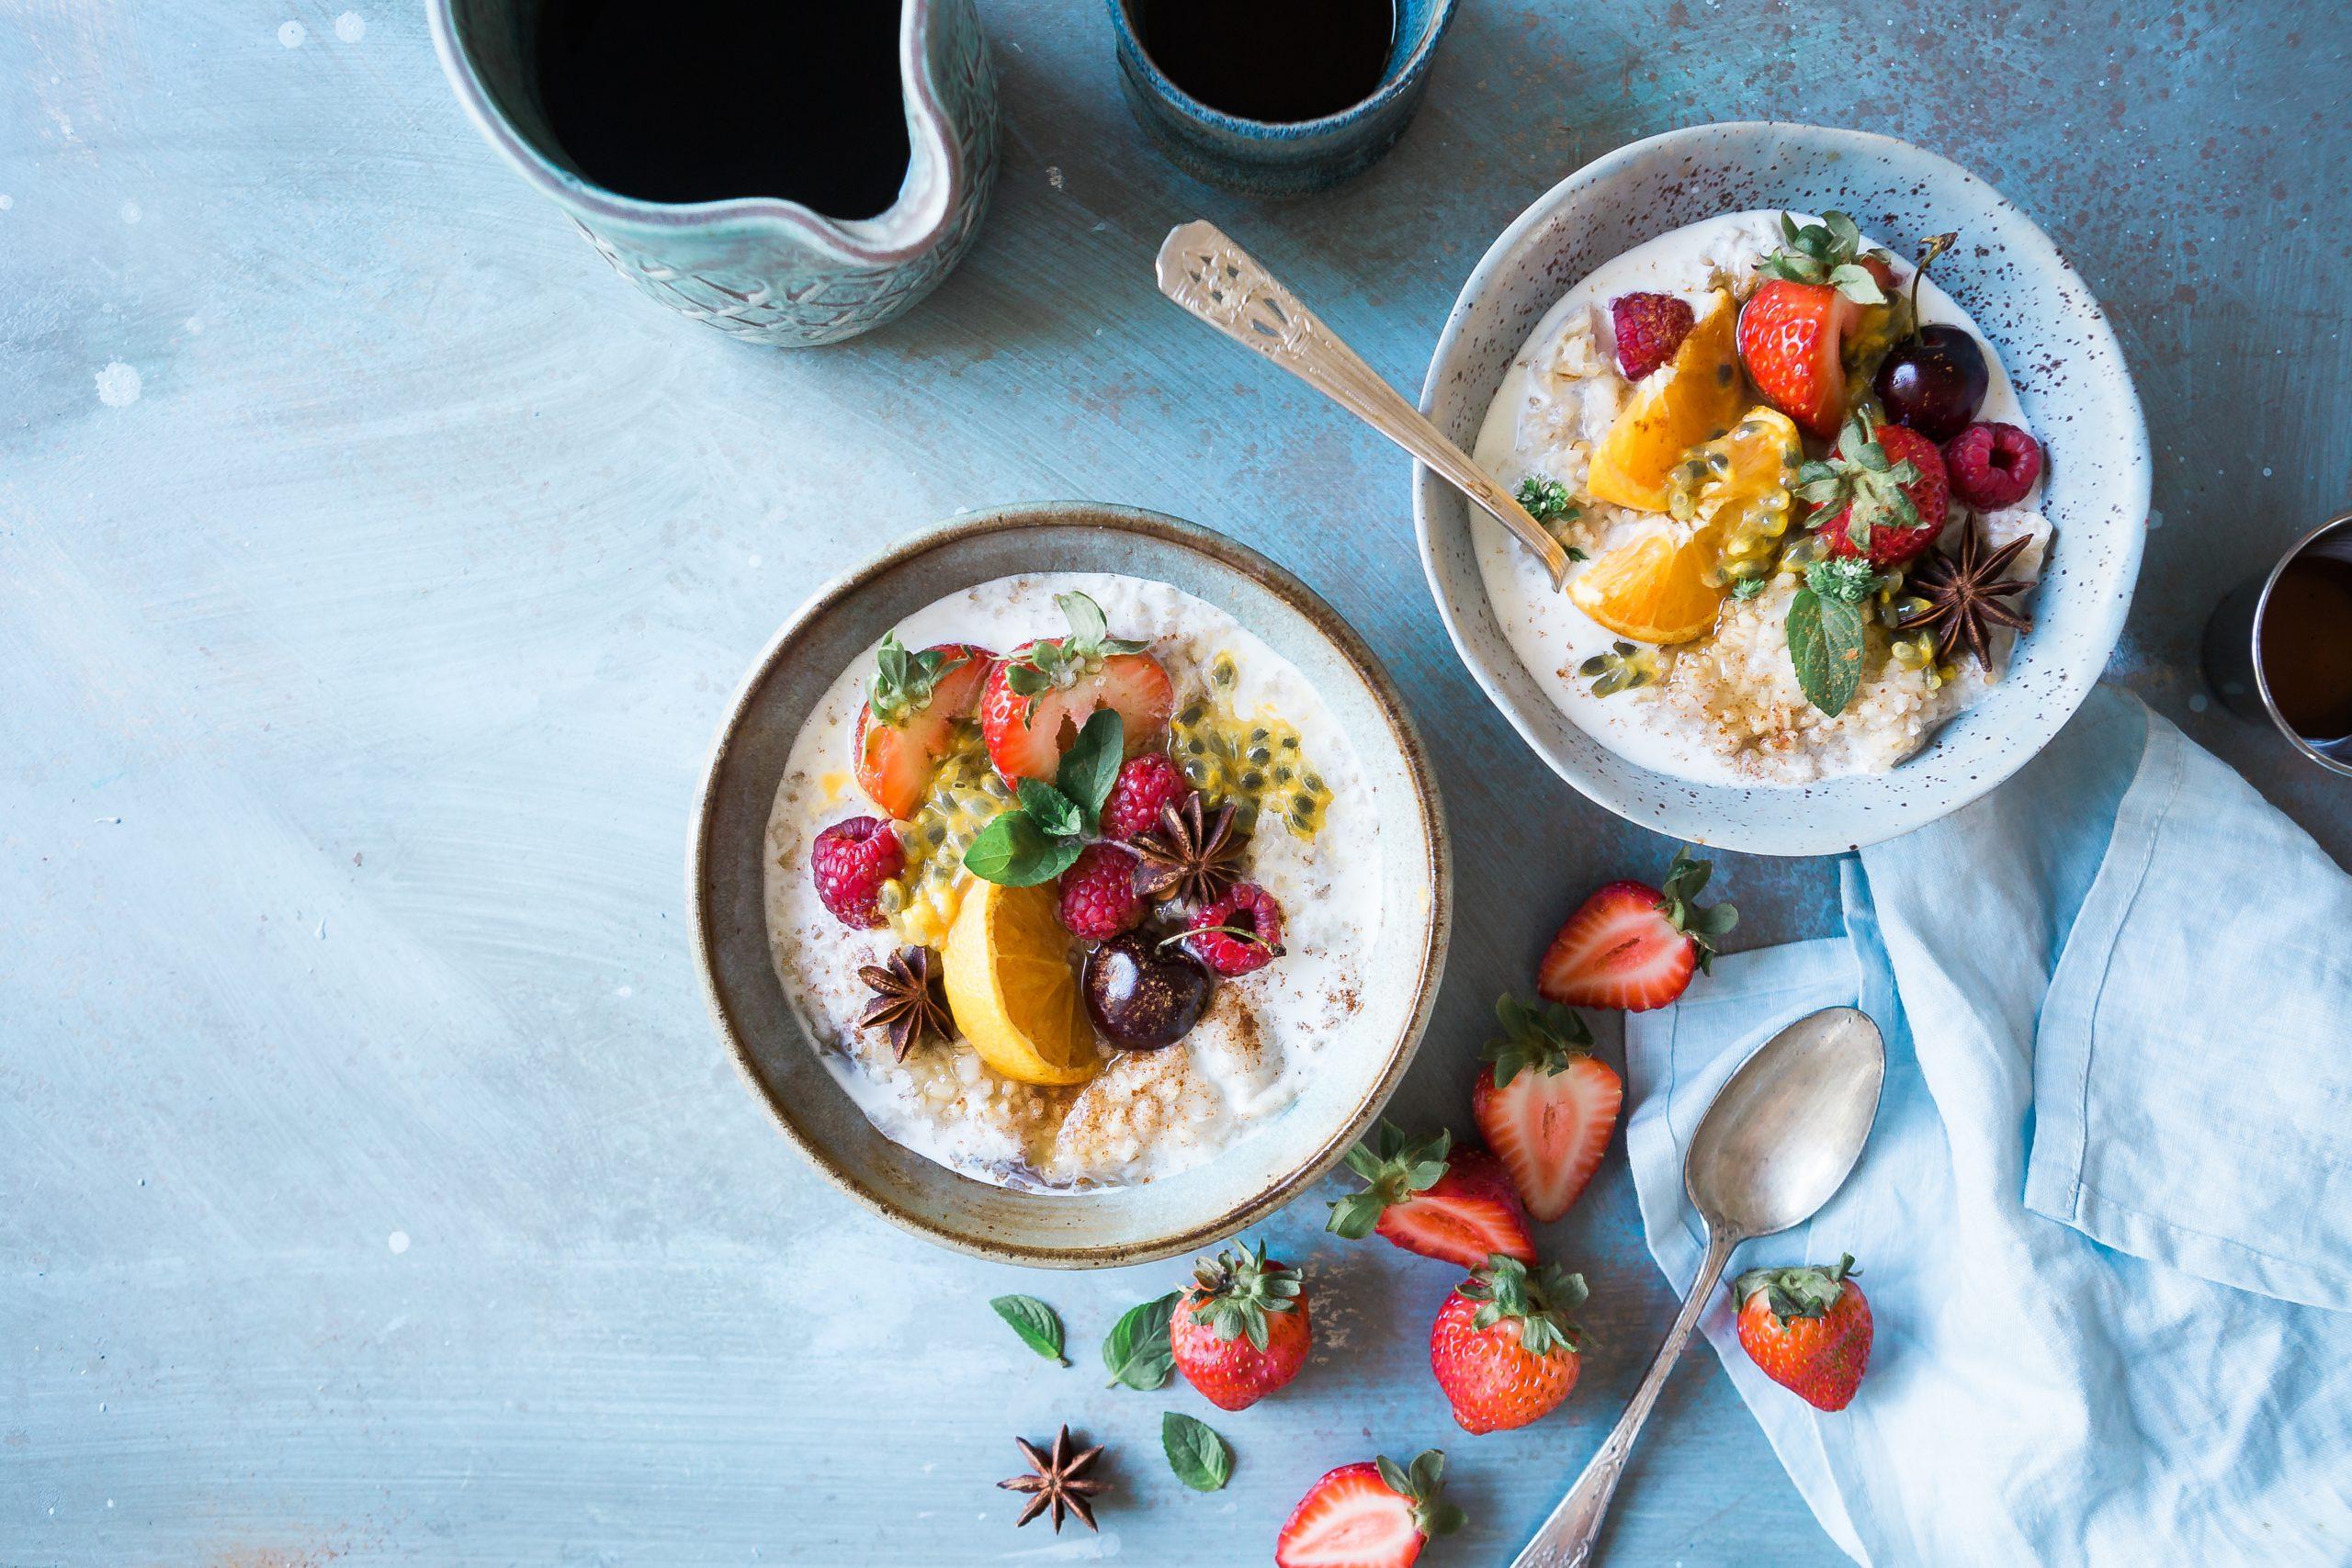 cómo obtener una nutrición adecuada como vegetariano